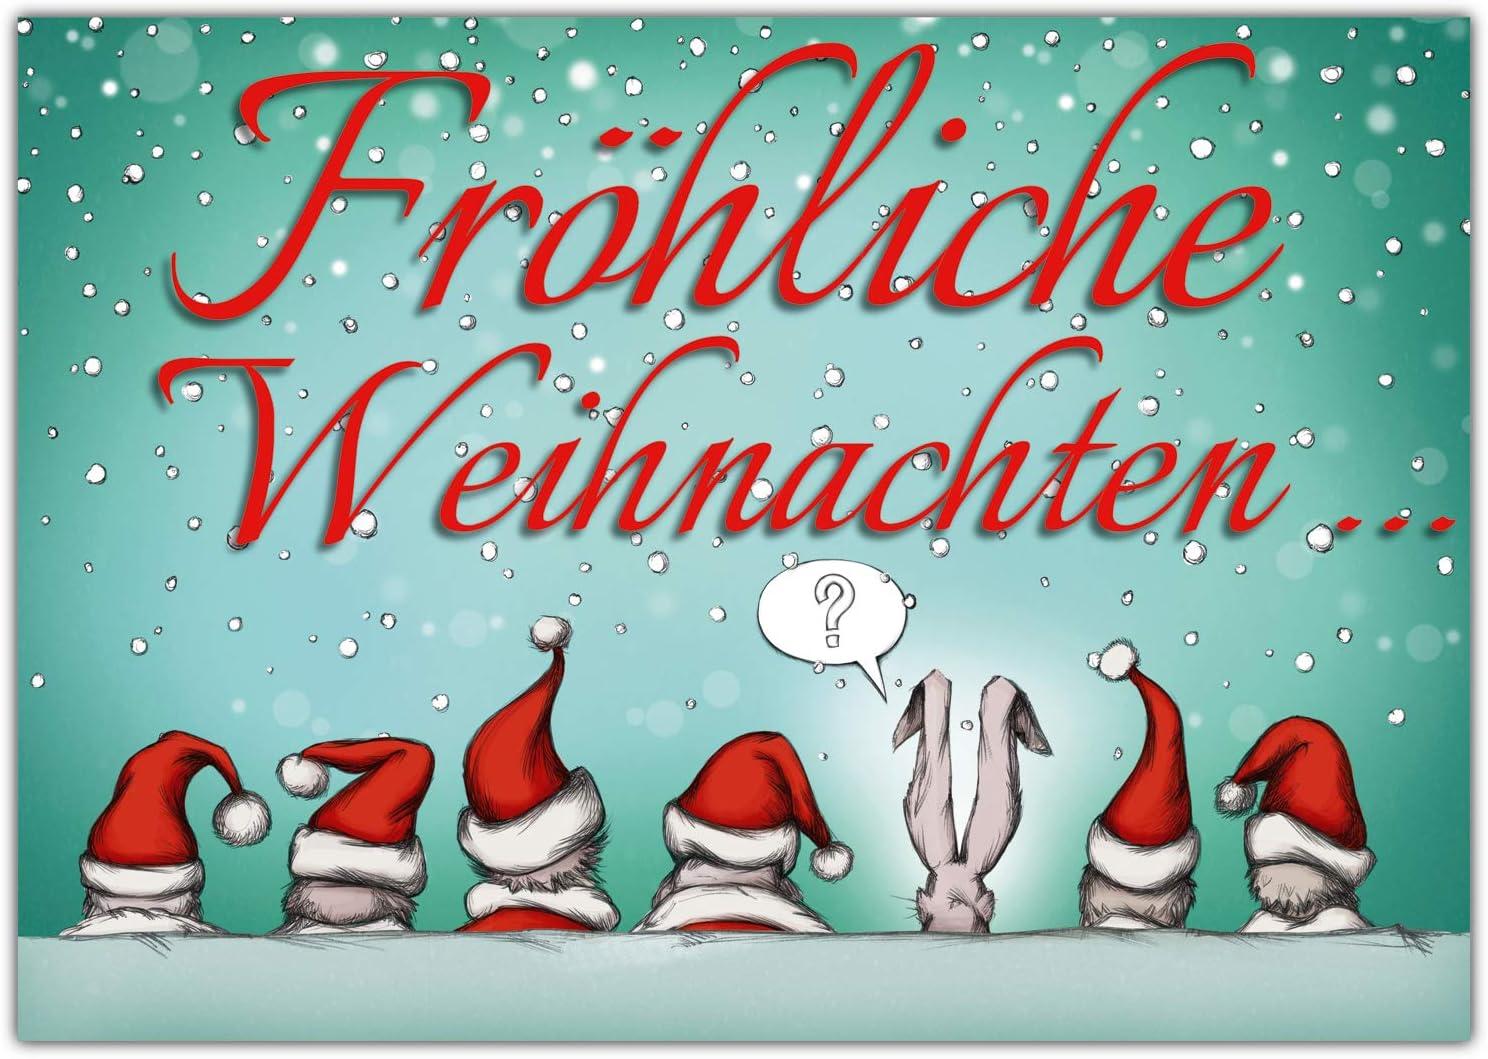 A4 XXL Weihnachtskarte WEIHNACHTSMÜTZEN mit Umschlag - lustige Klappkarte  für Kollegen Freunde Verwandte - Frohe Weihnachten Karte von BREITENWERK